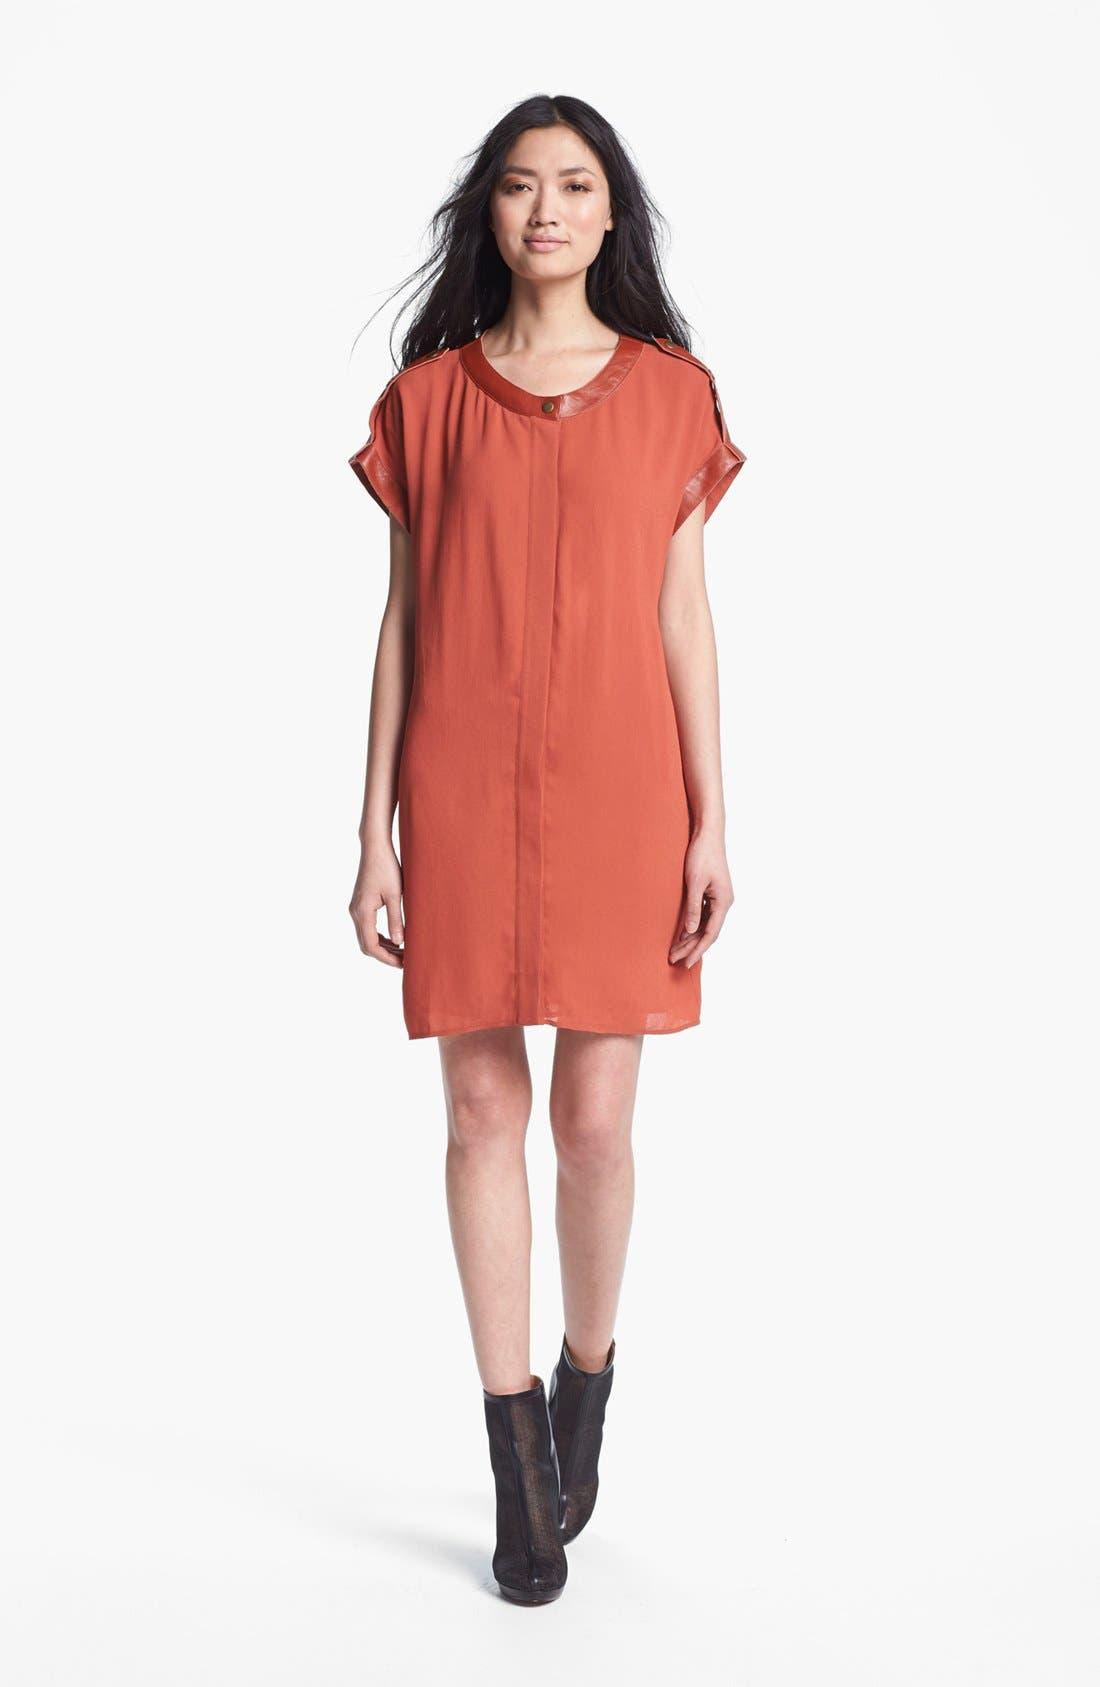 Main Image - Rachel Zoe 'Reyna' Crepe Dress